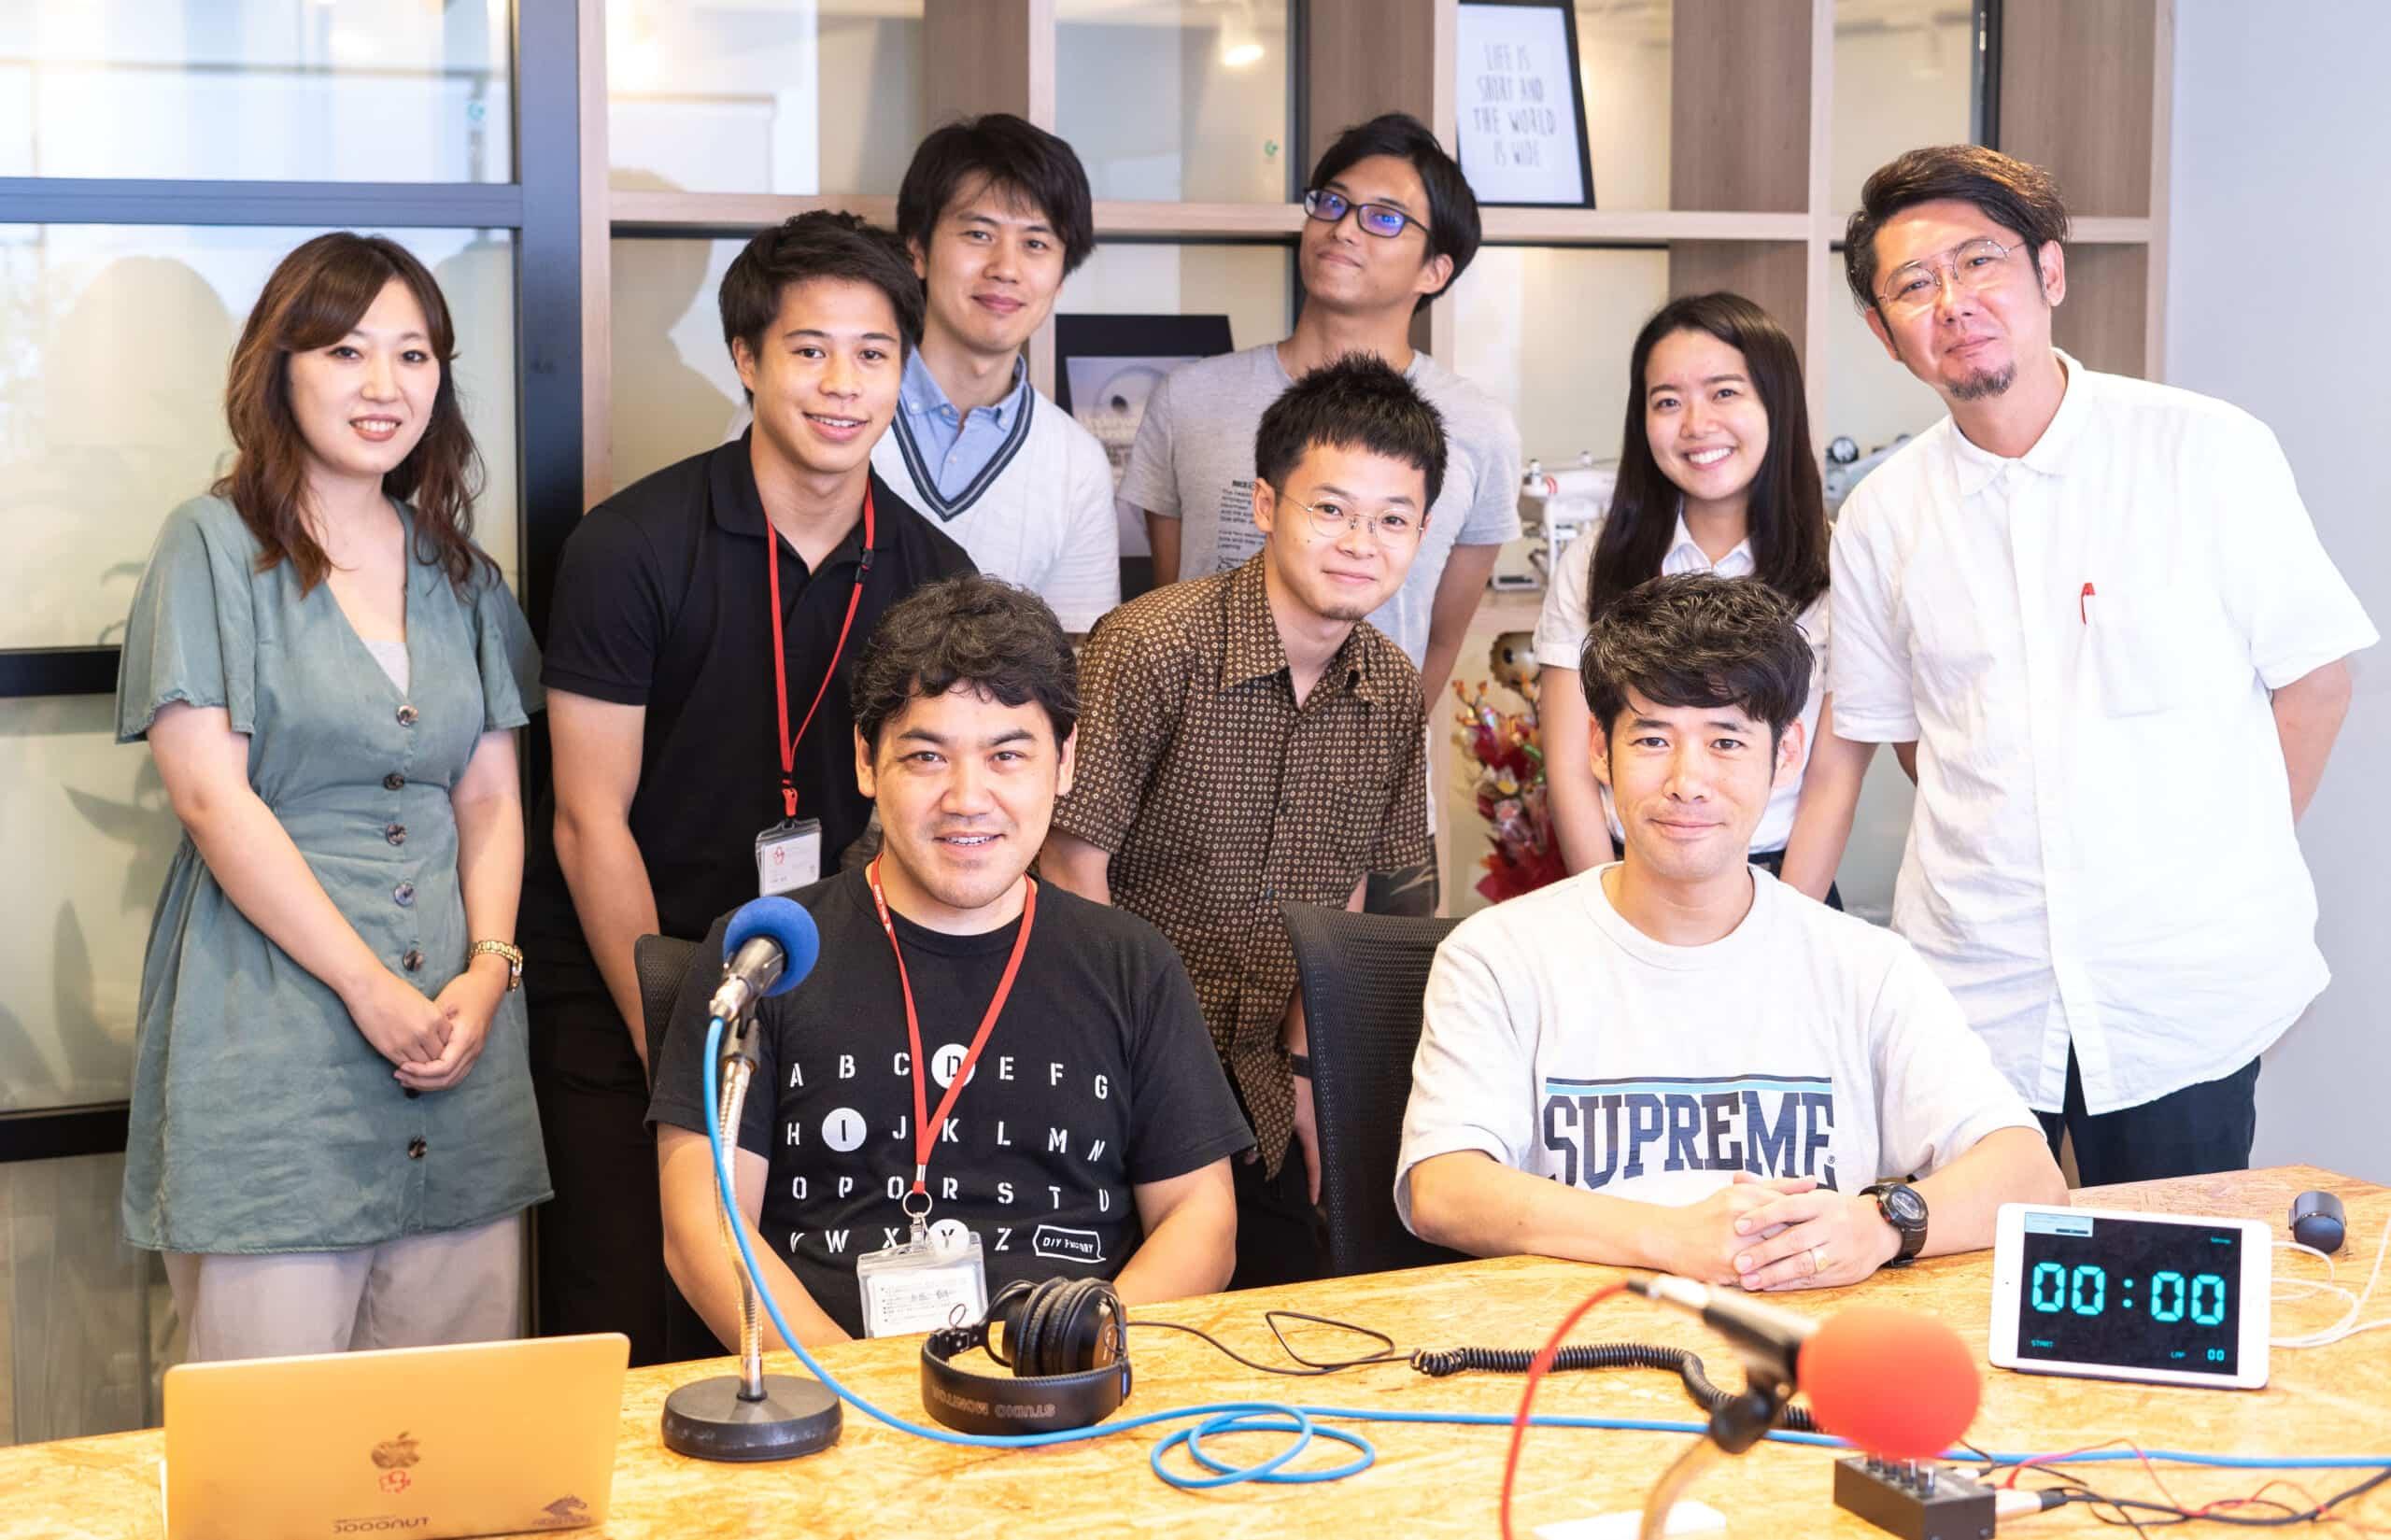 ラジオ番組開始のお知らせ「サムシングファンのDOOONUTラジオ」